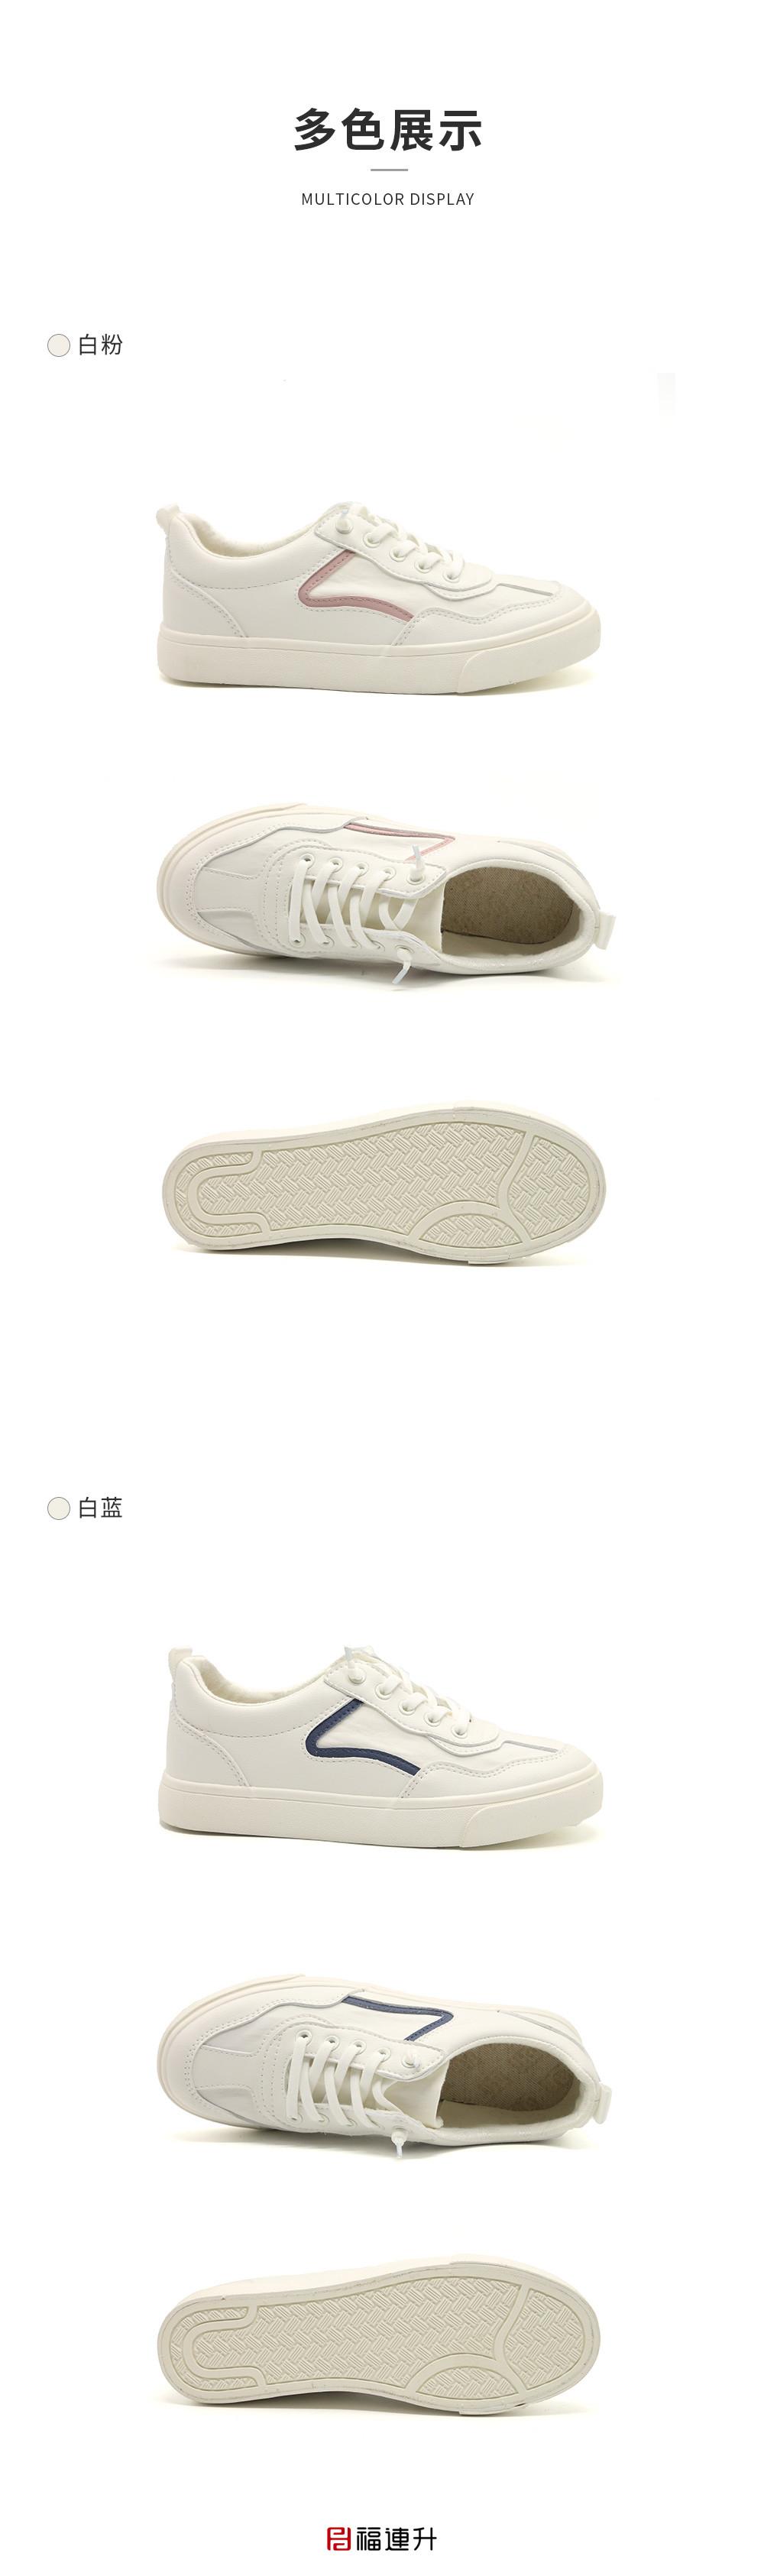 福连升休闲鞋女鞋小白鞋百搭学生舒适棉麻内里潮流板鞋图片